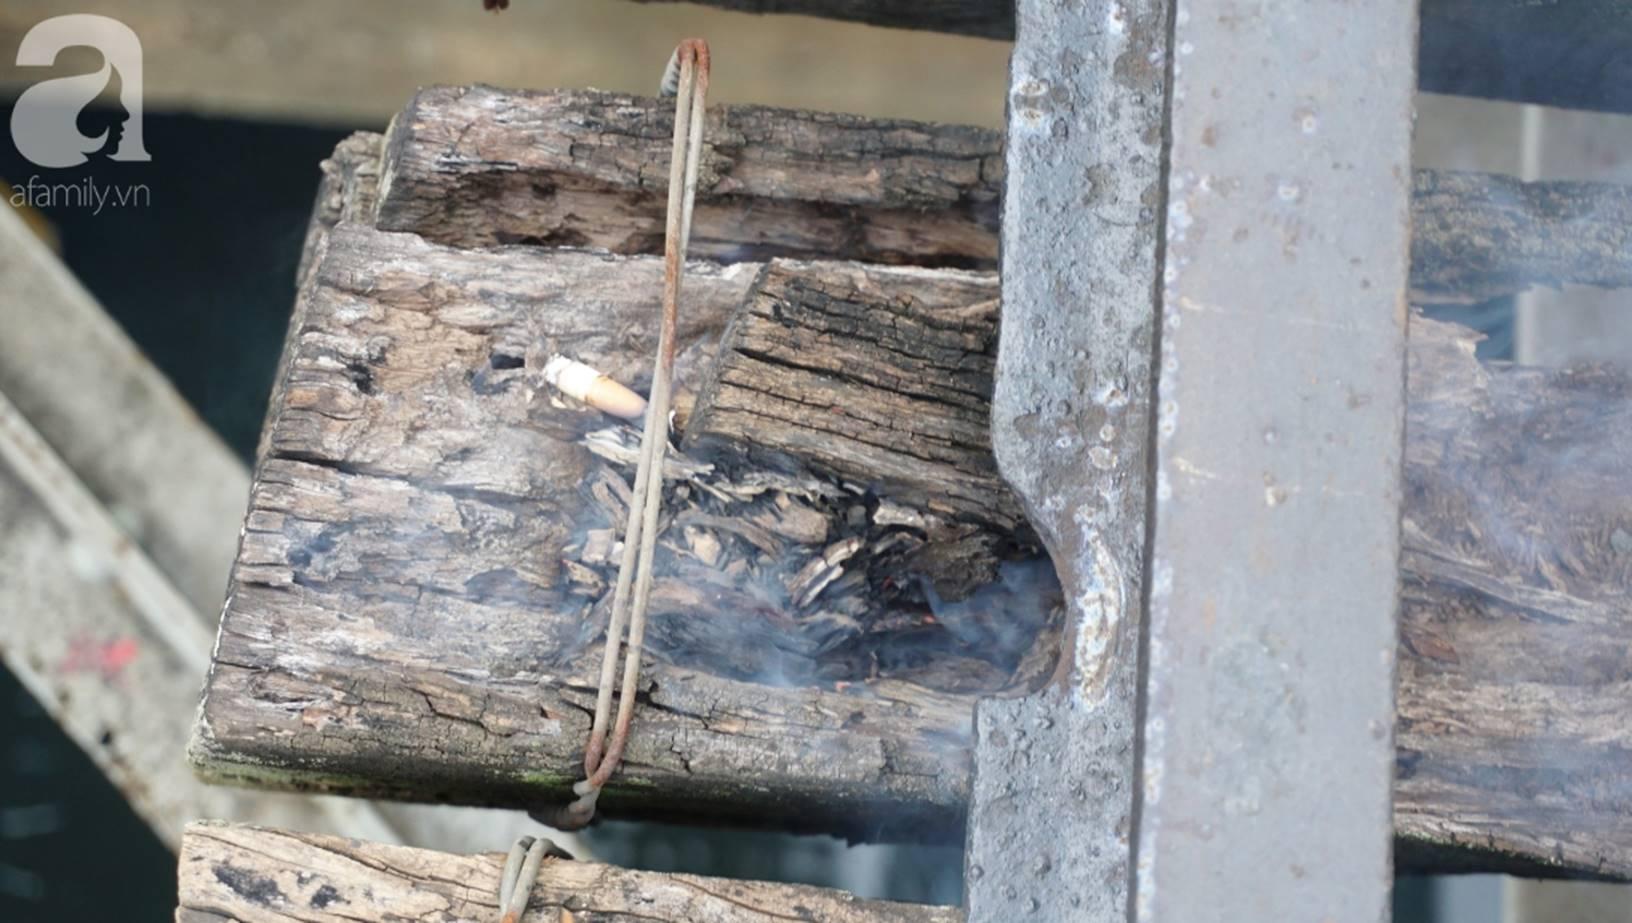 Hà Nội: Vứt tàn thuốc gây cháy dầm gỗ cầu Long Biên, nhóm nam thanh nữ tú vẫn vô tư chụp ảnh sống ảo trên đường ray-8